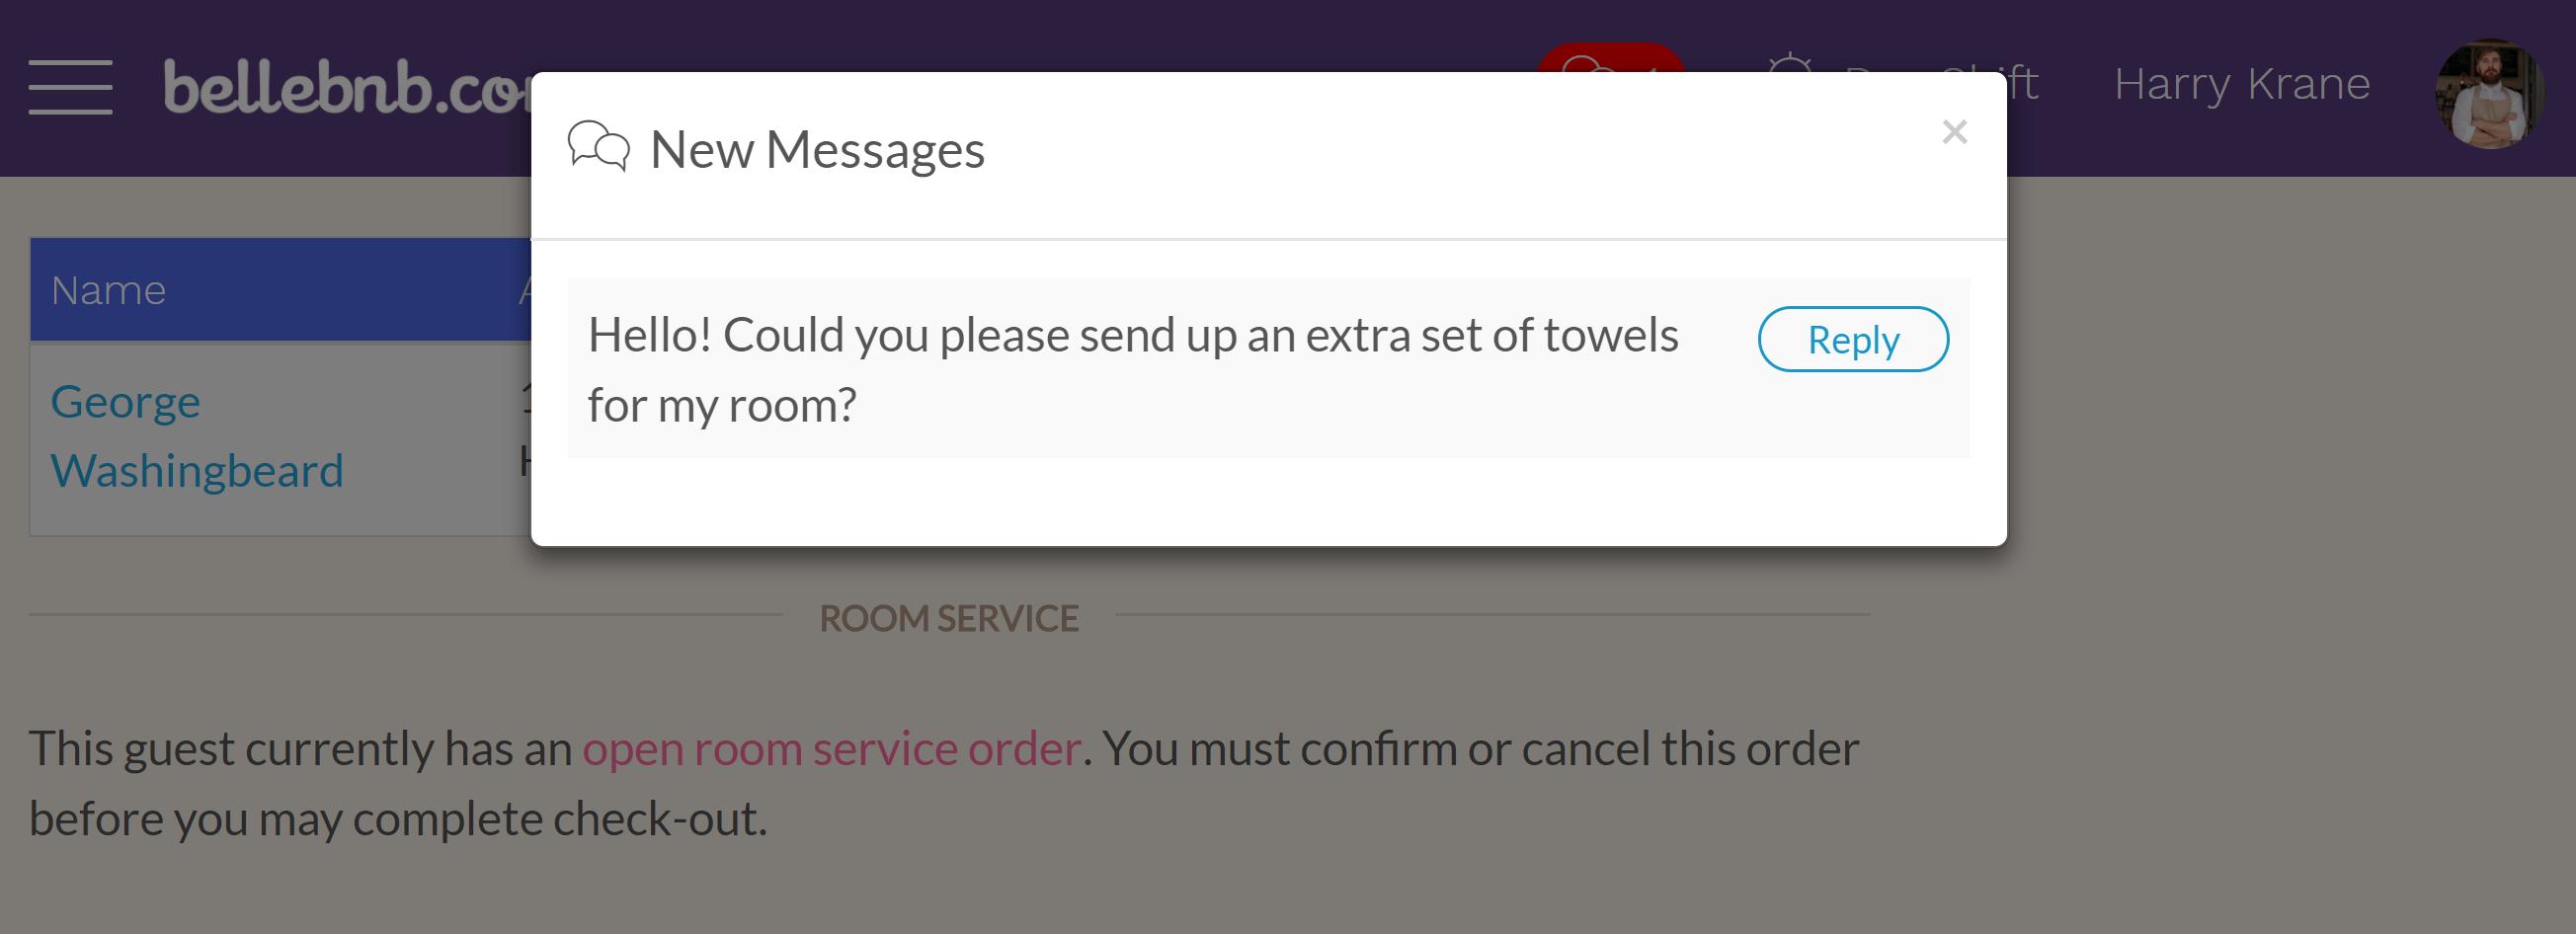 次に、予約エンジンの請求書に戻り、クリックしてインスタントメッセージを表示し、フロントデスクの新しいメッセージを入力します ([送信] をクリックします)。フロントデスクマネージャーに戻り、ナビゲーションバーに [新着メッセージ] インジケーターが表示されるまで1分待ちます。